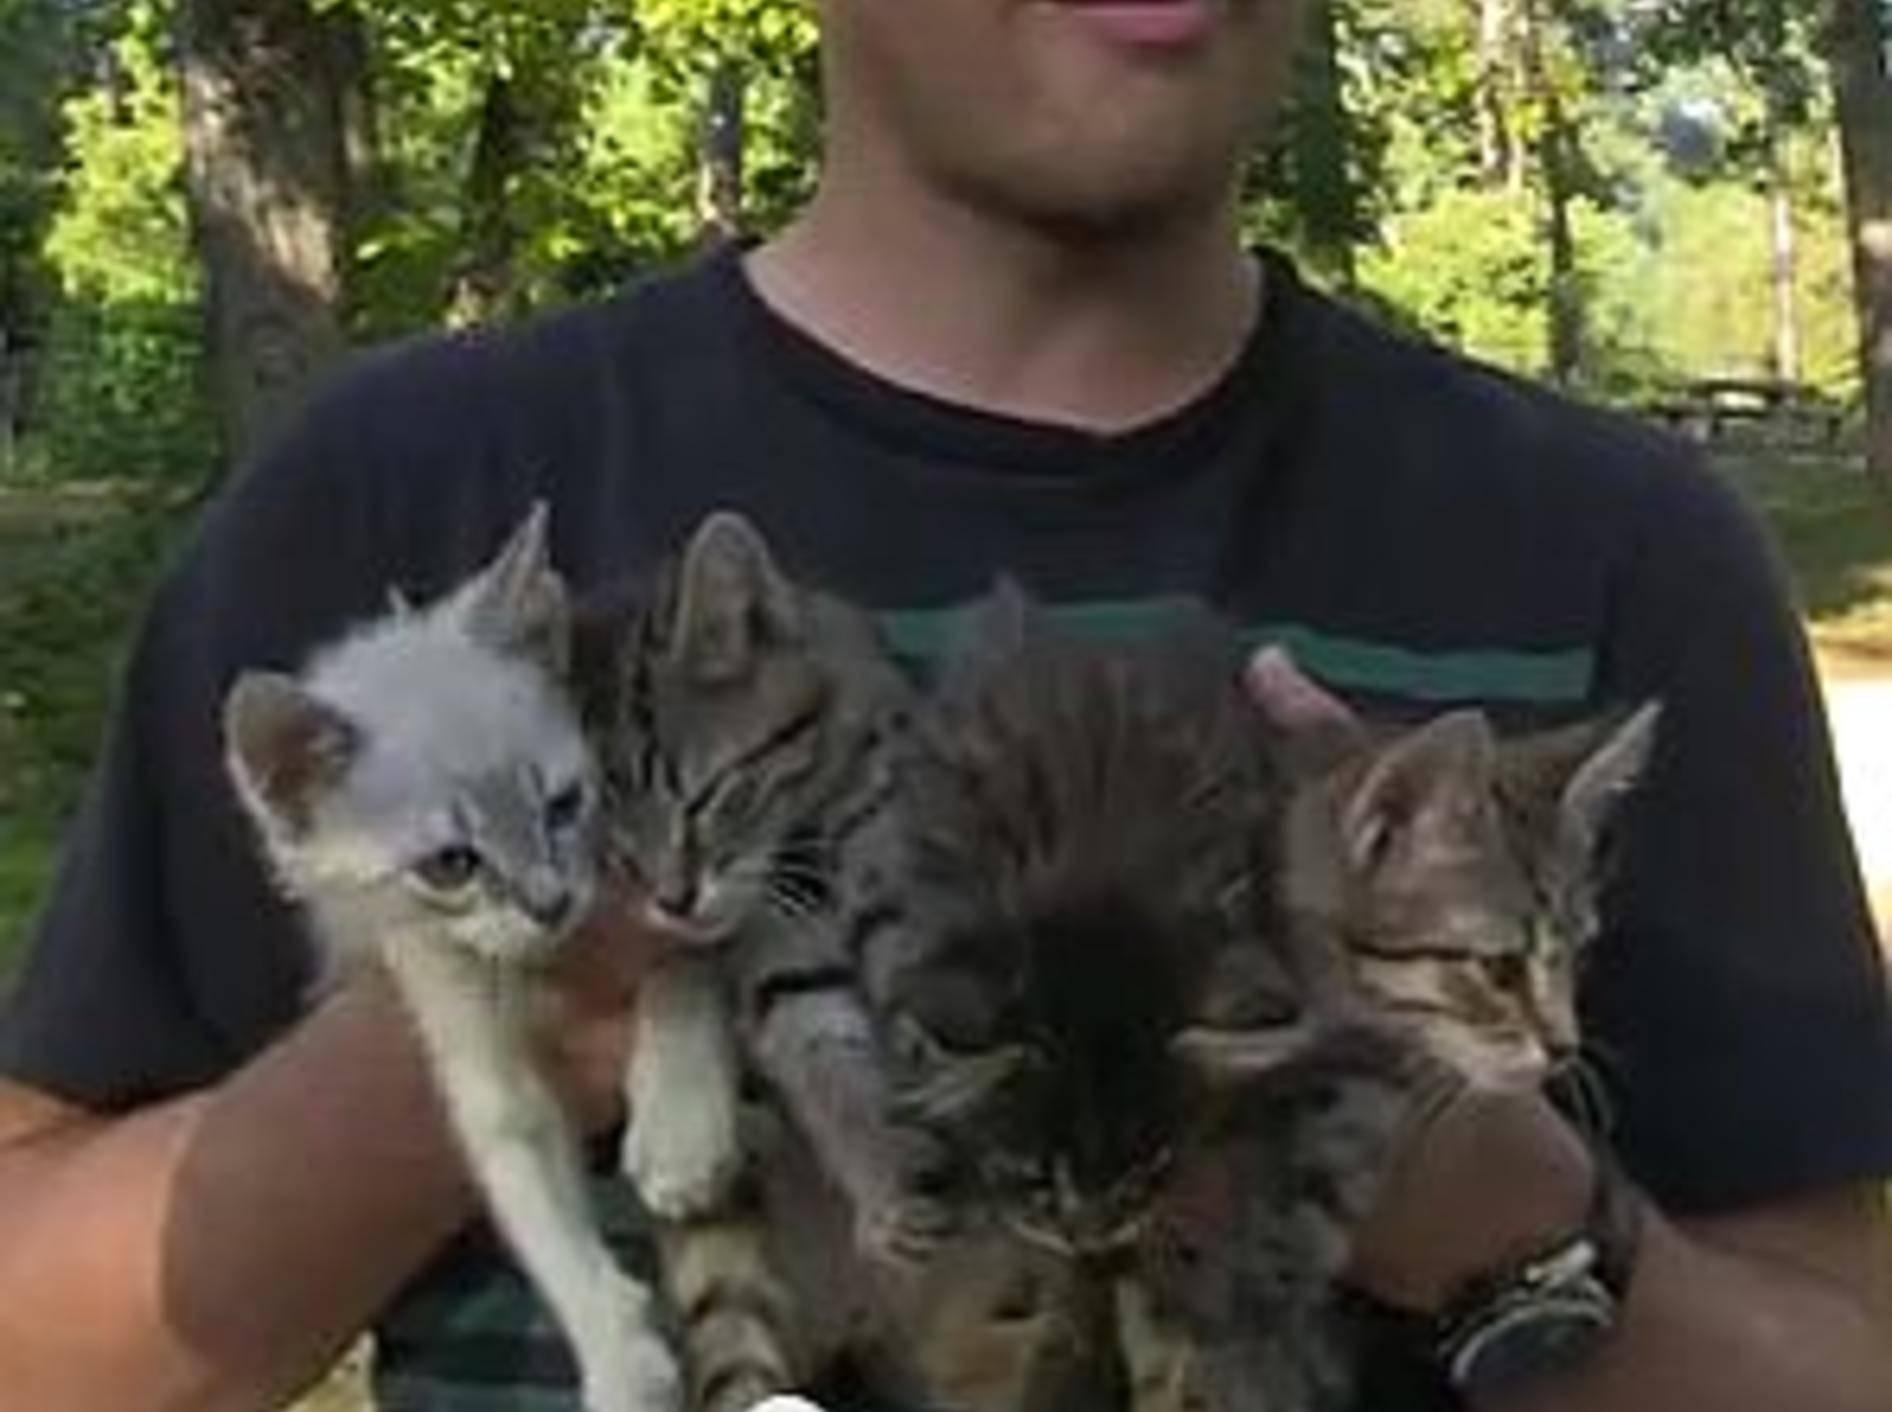 Spaziergänger retten eine ausgesetzte Katzenbande – Bild: Youtube / Garzilly